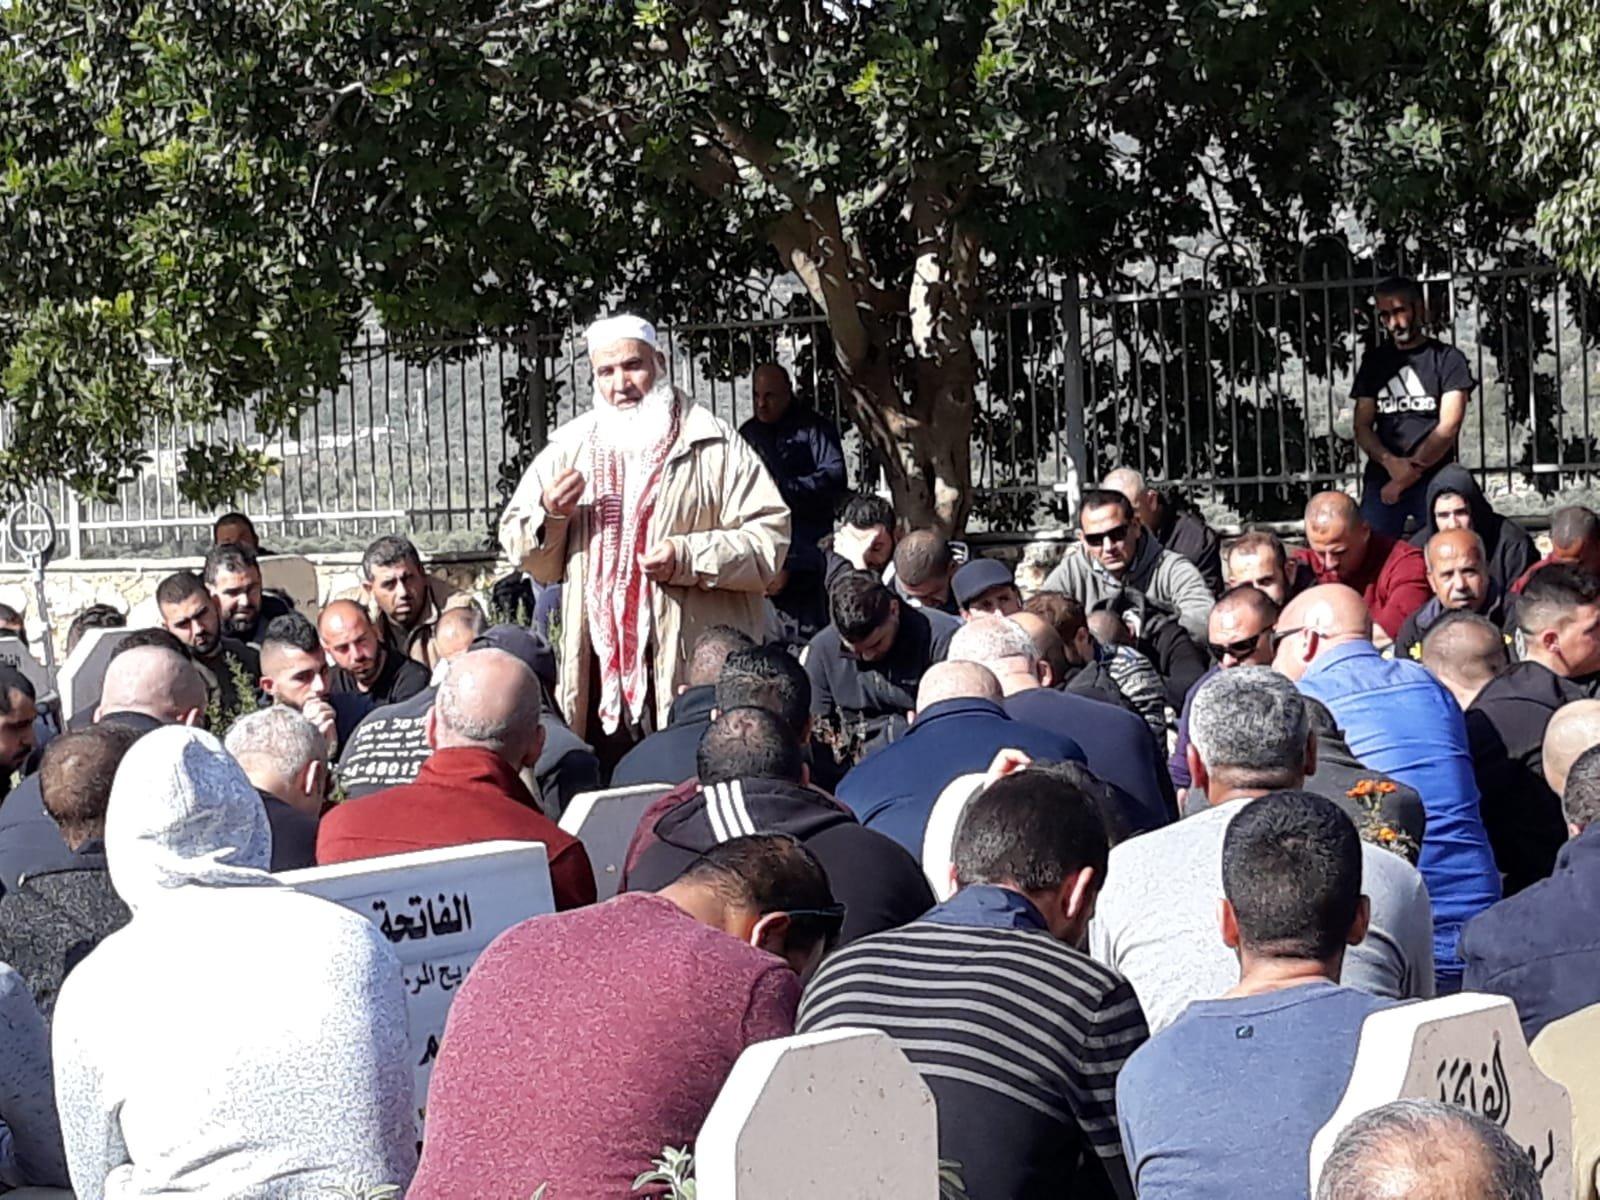 دير حنا: تشيع جثمان الطفل يوسف حمود ضحة حادثة الطرق